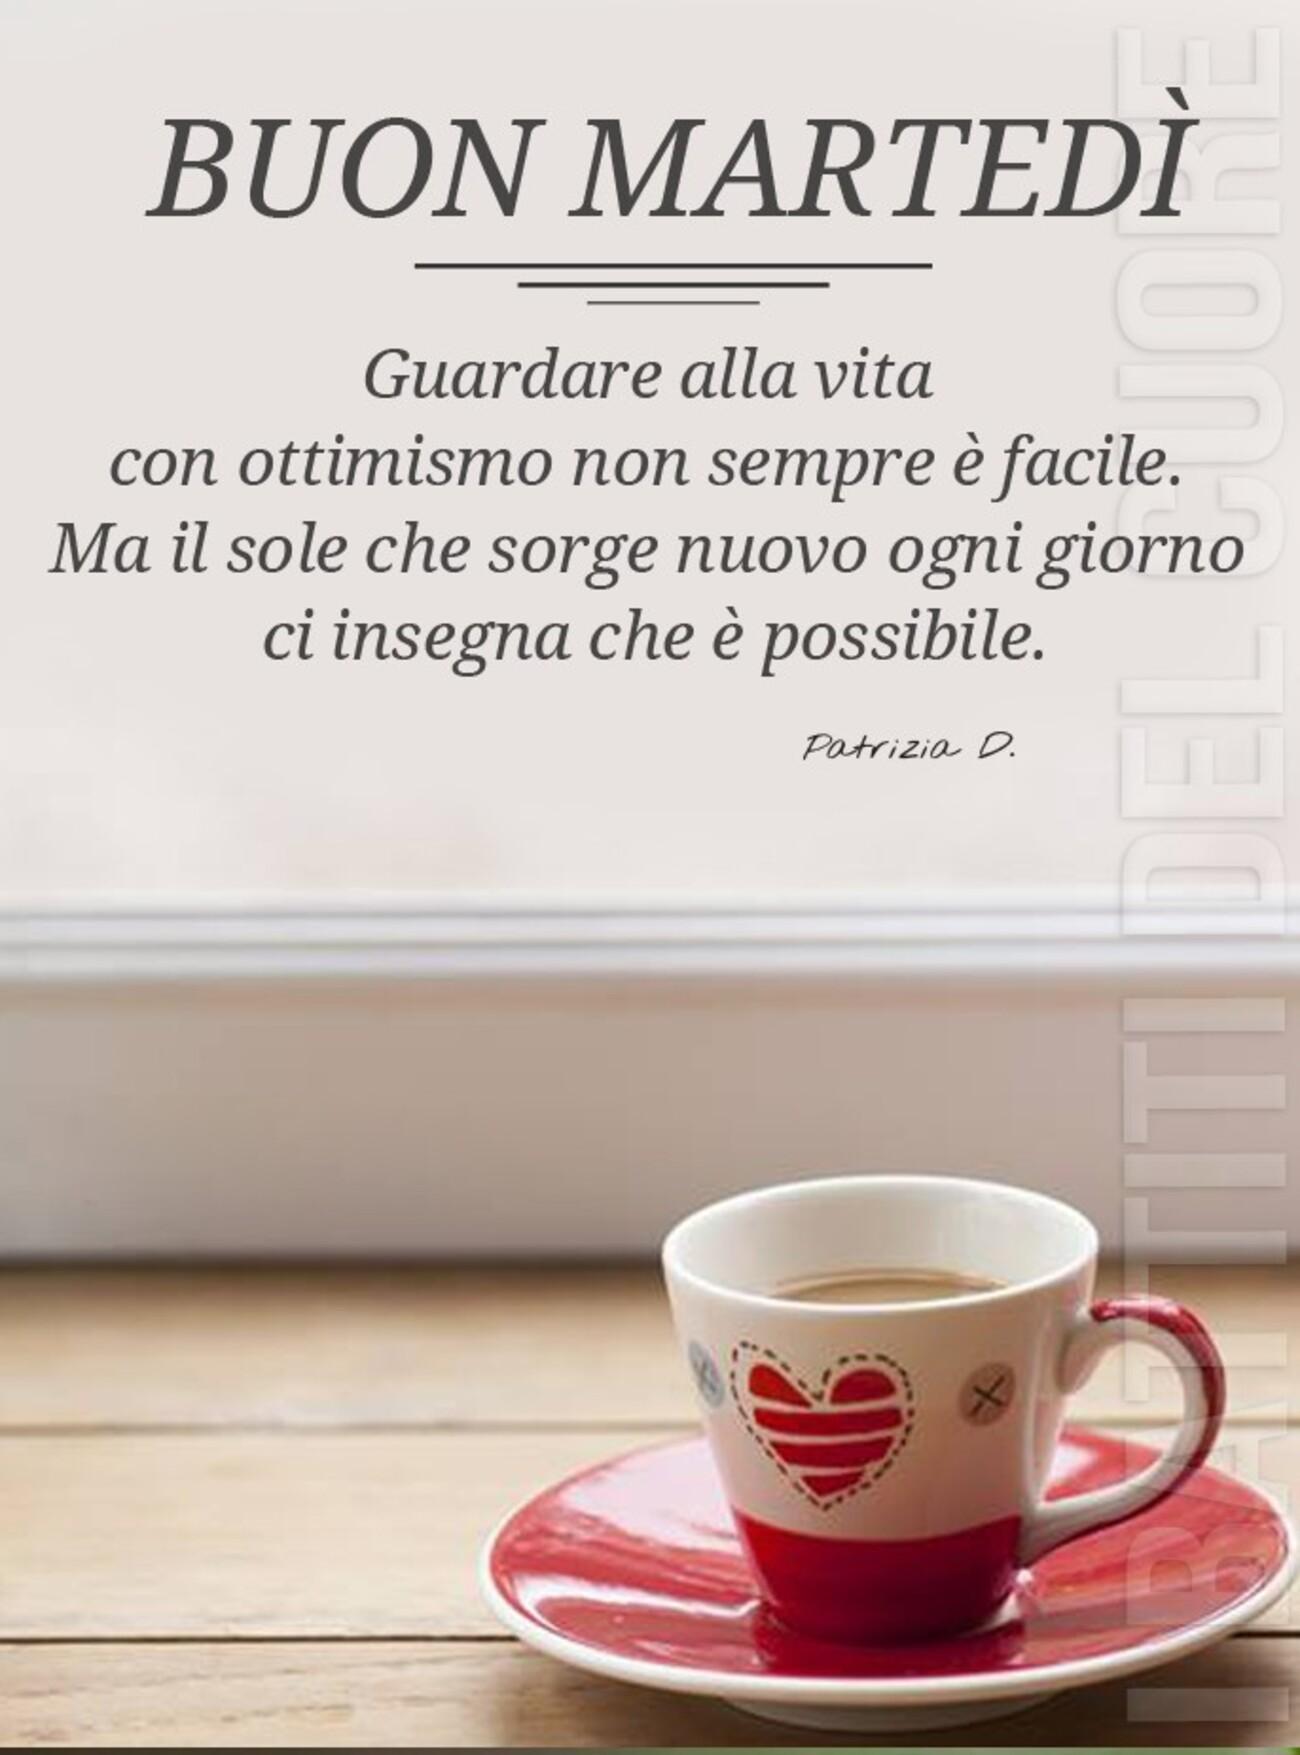 Buon Martedì guardare alla vita con ottimismo non sempre è facile. Ma il sole che sorge nuovo ogni giorno ci insegna che è possibile